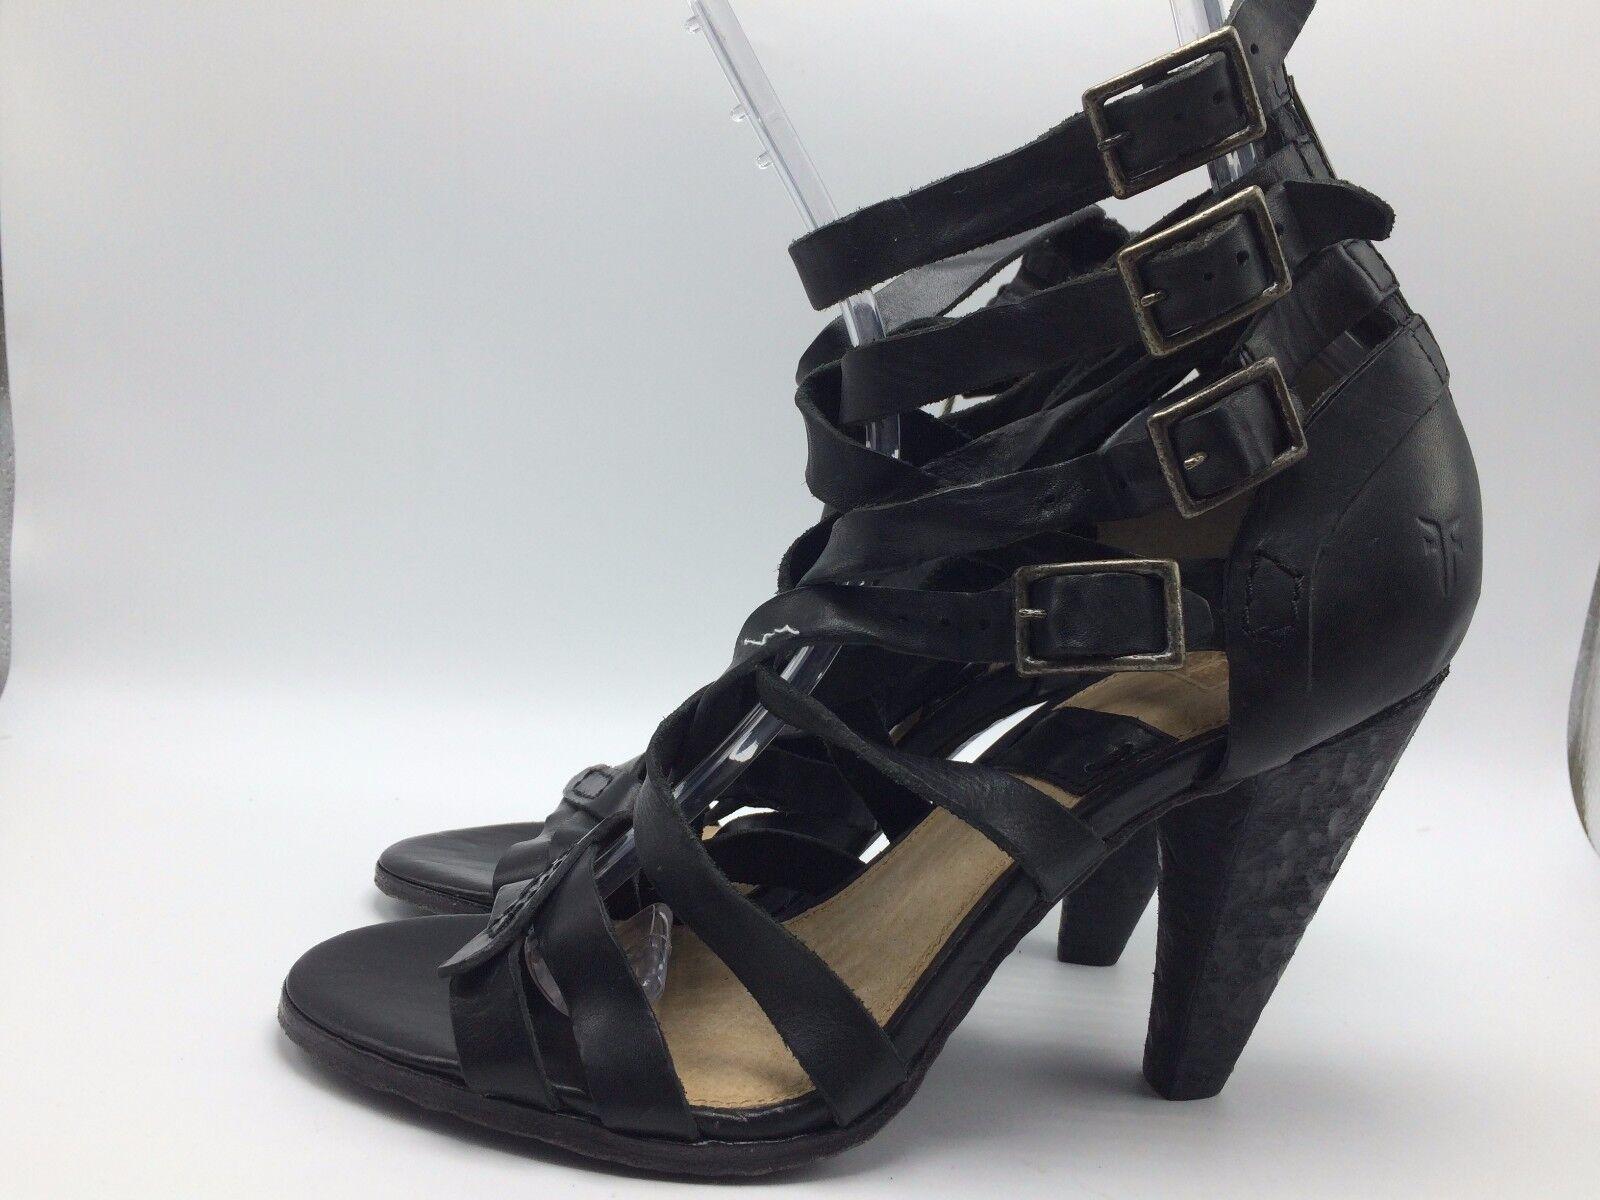 di moda 2A14 Frye Mika nero Heels Open Toe Toe Toe Back Zip  Leather donna scarpe Dimensione 10M  378  comprare a buon mercato